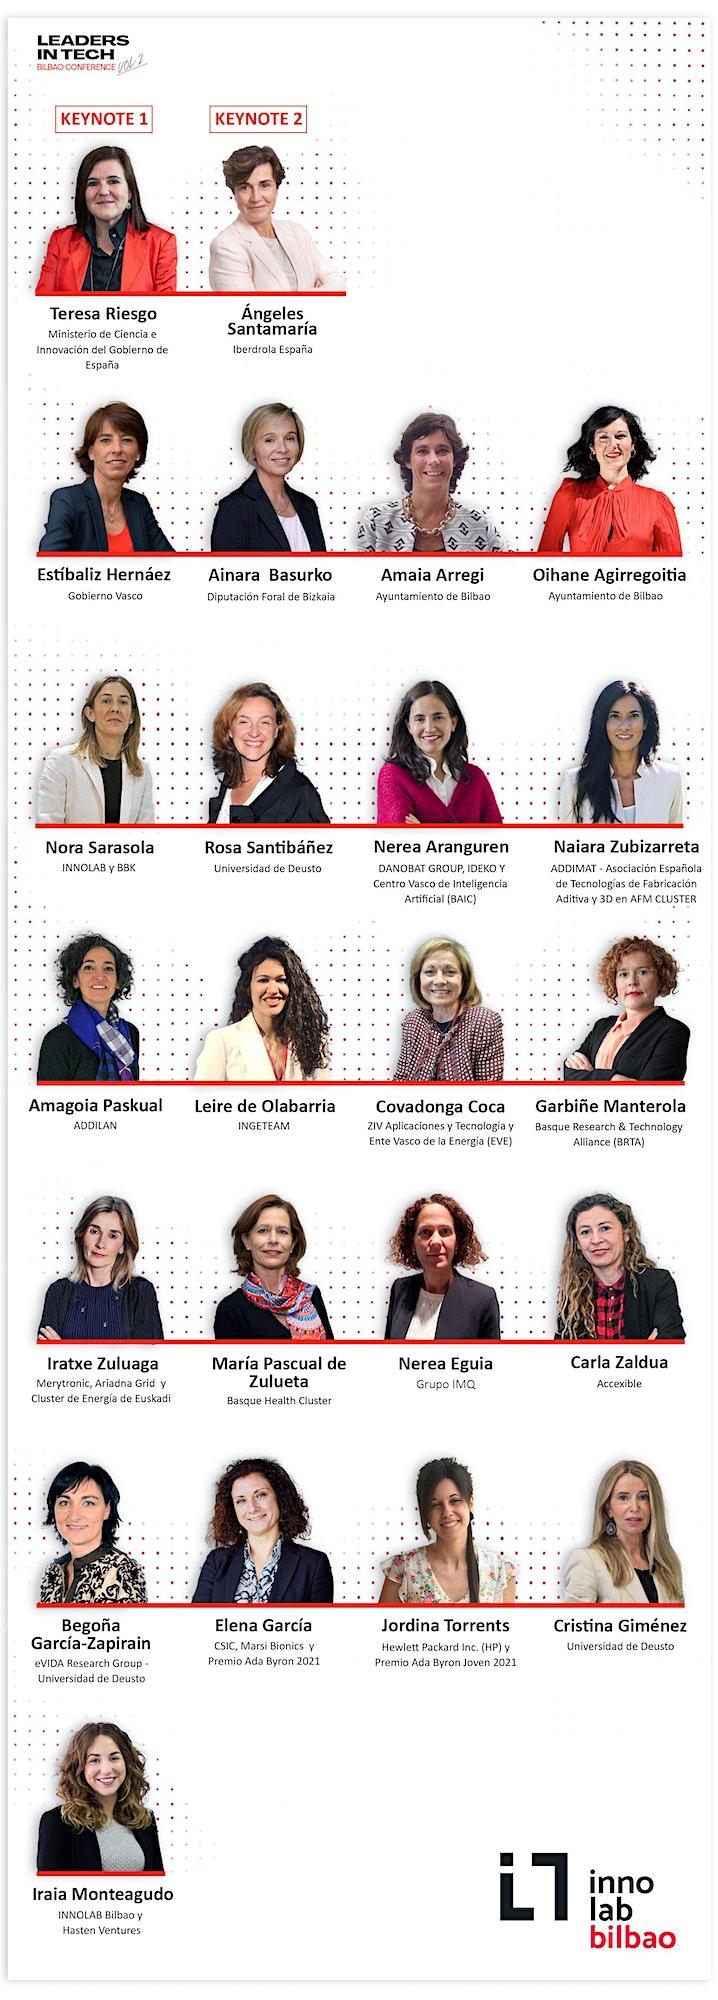 Imagen de Leaders In Tech - Bilbao Conference VOL.2